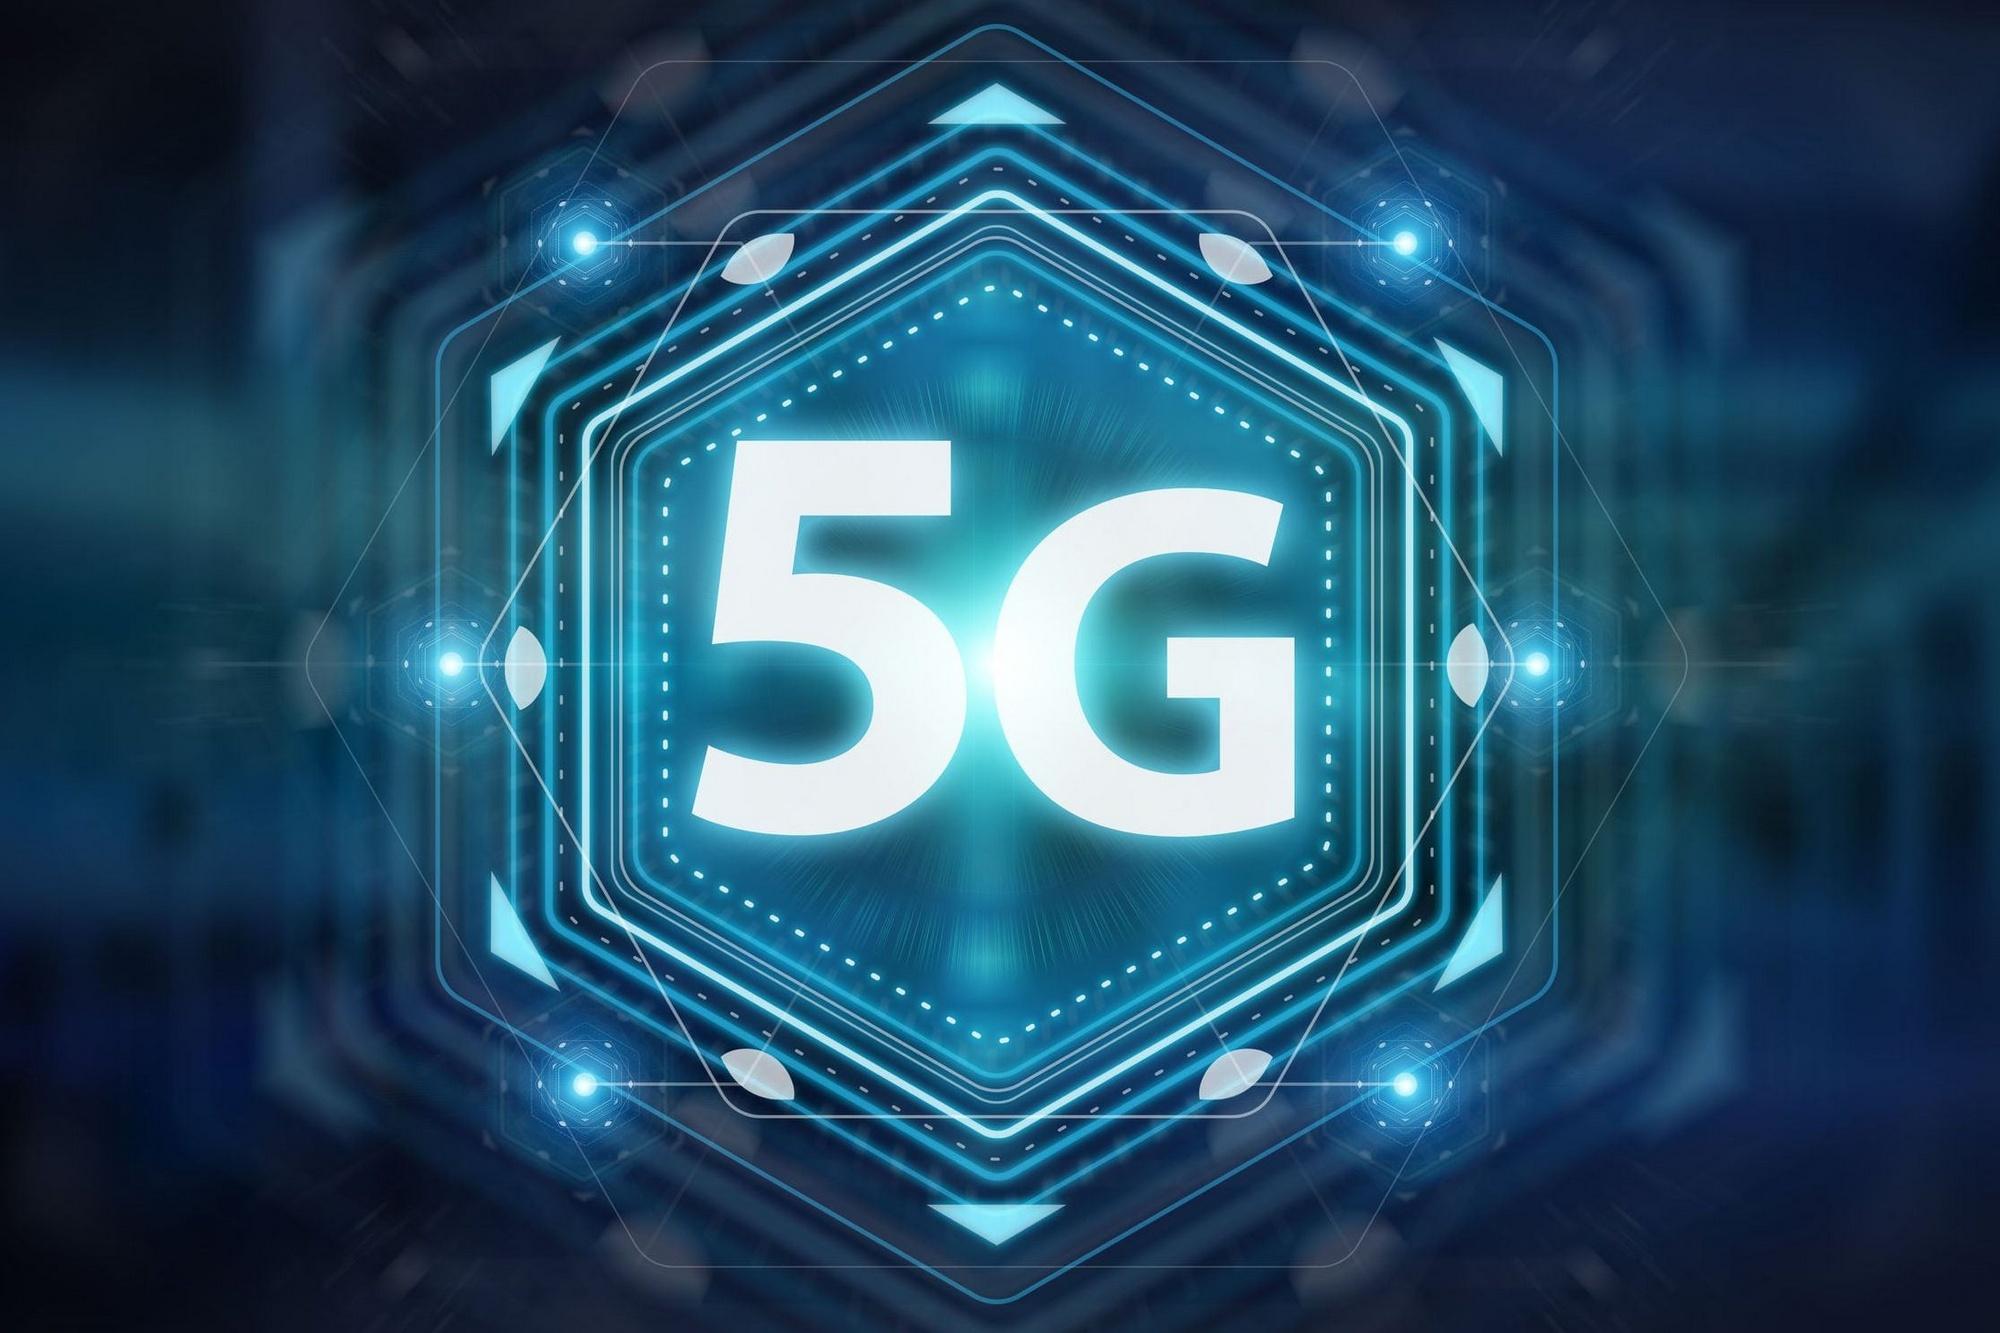 Понад 1 млрд осіб мешкатимуть в зоні дії мереж 5G до кінця 2020 року